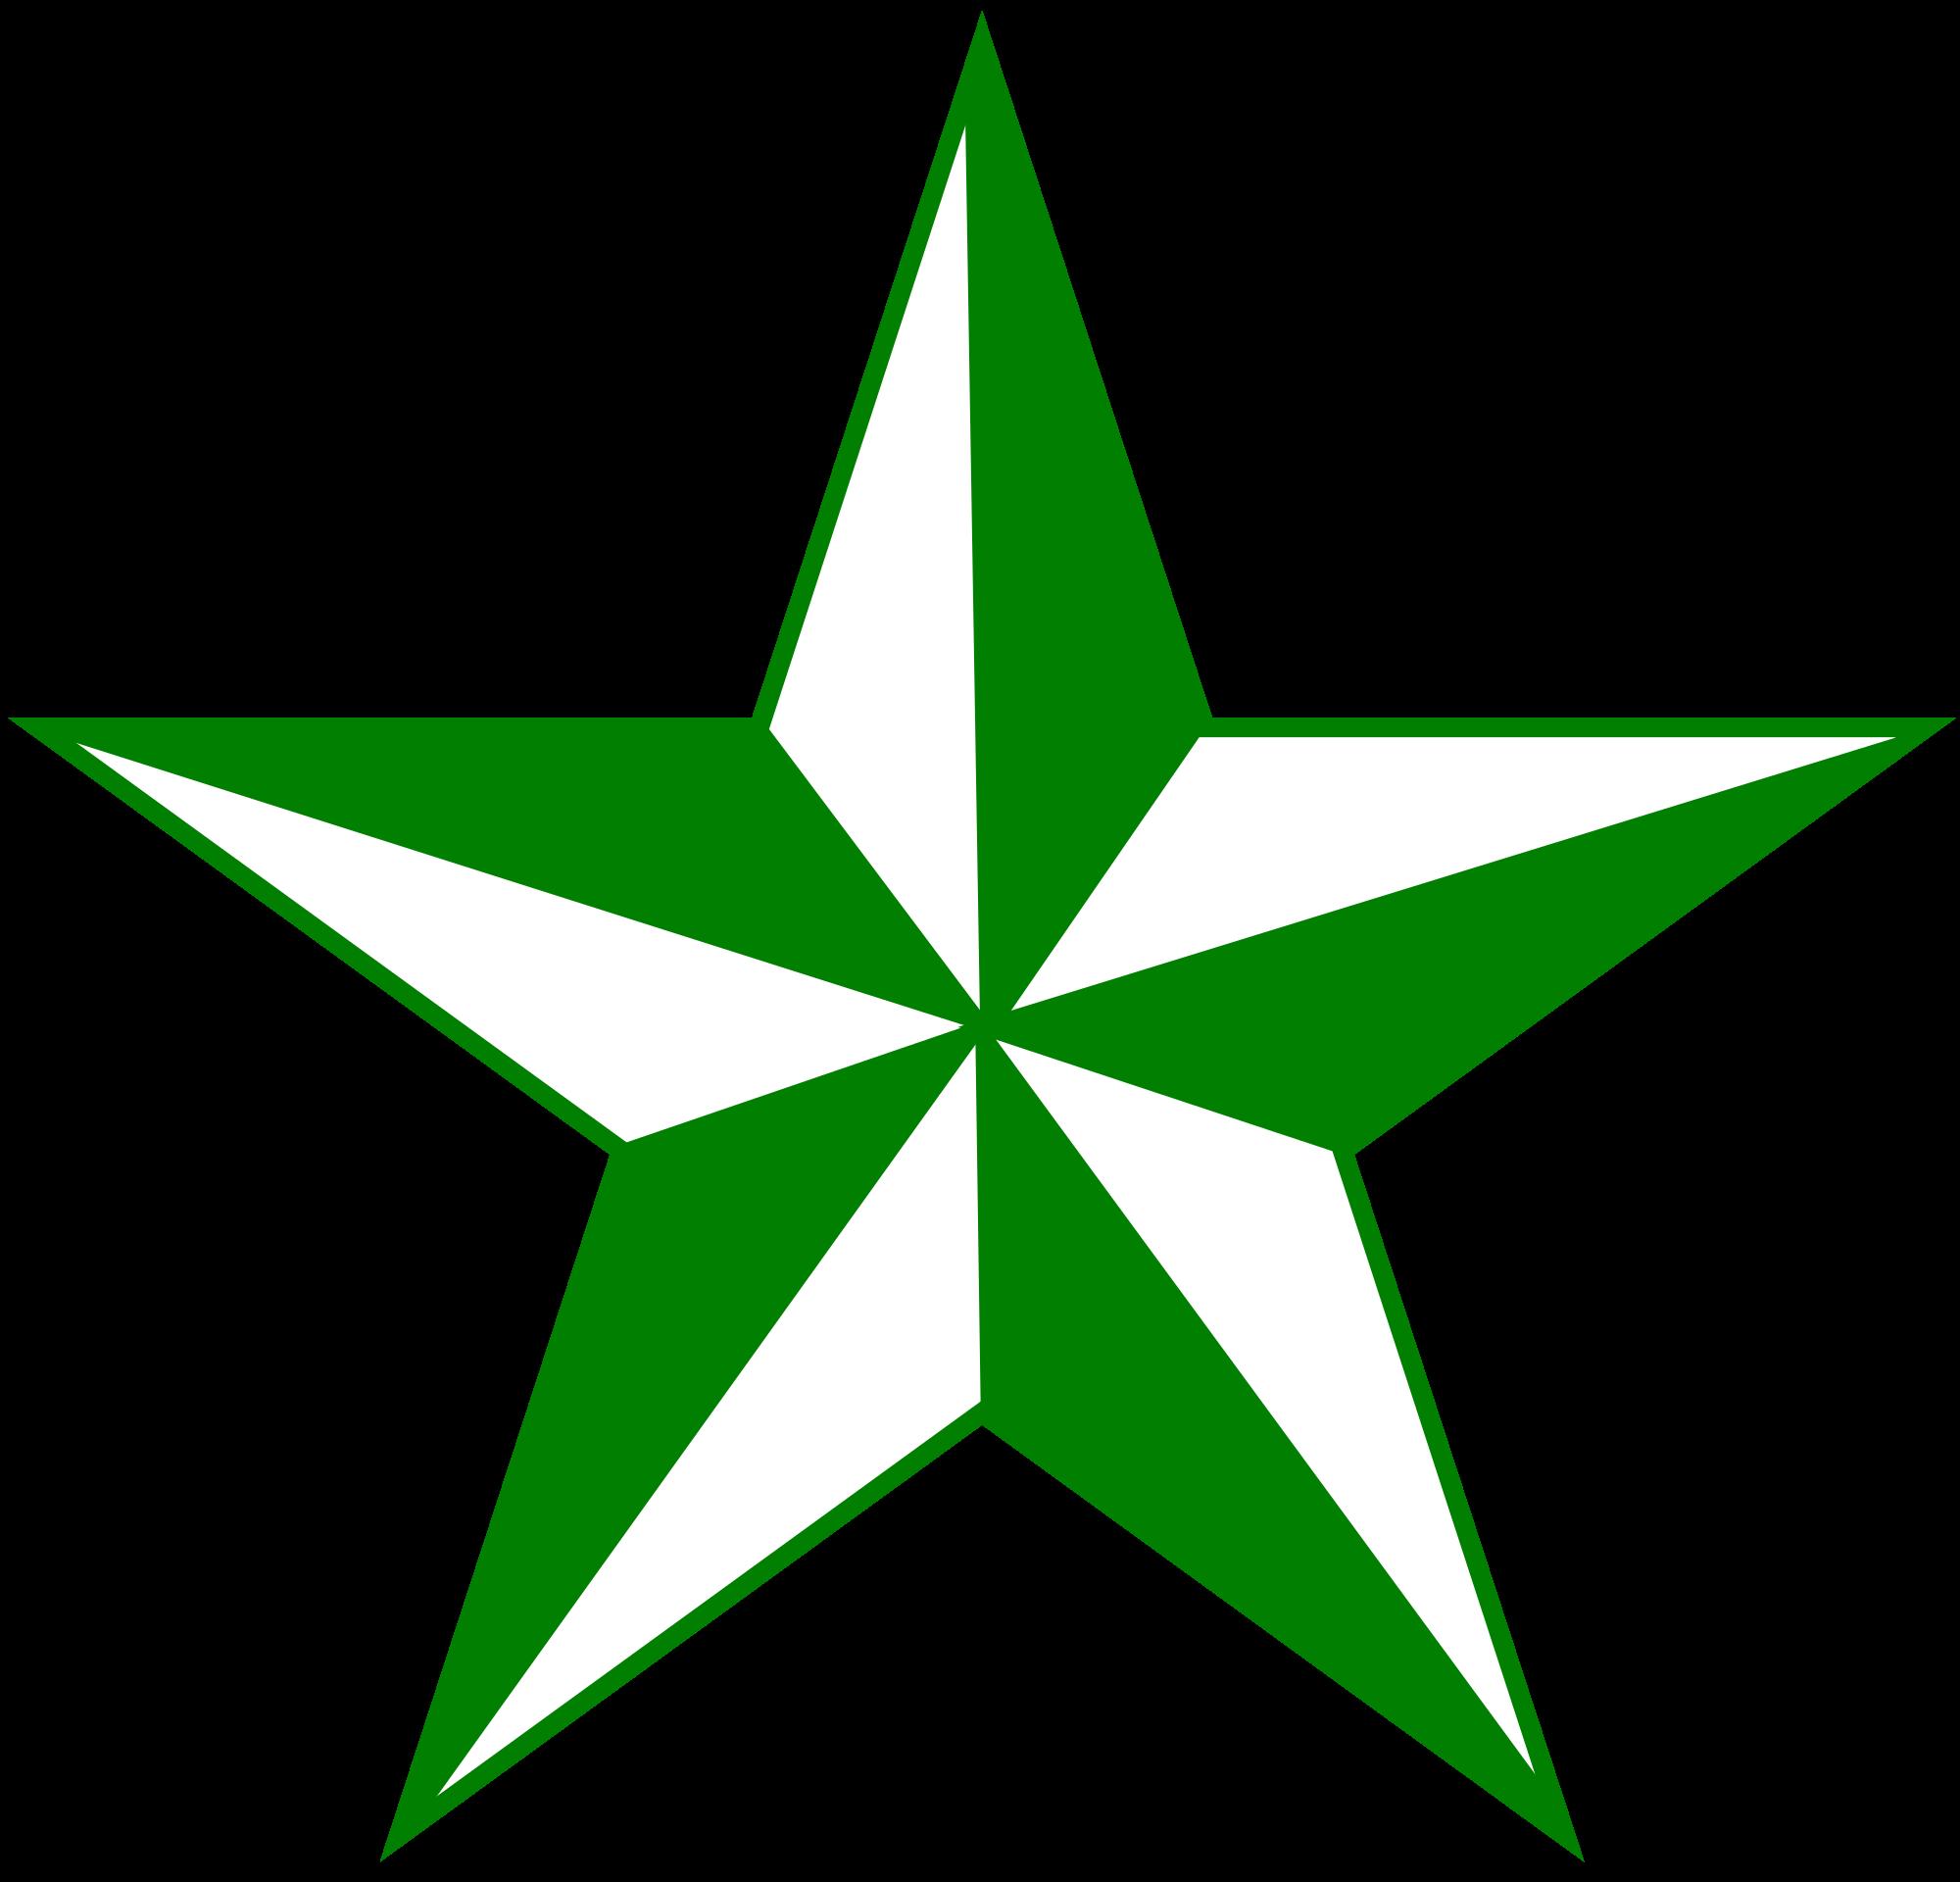 La salle star Logos